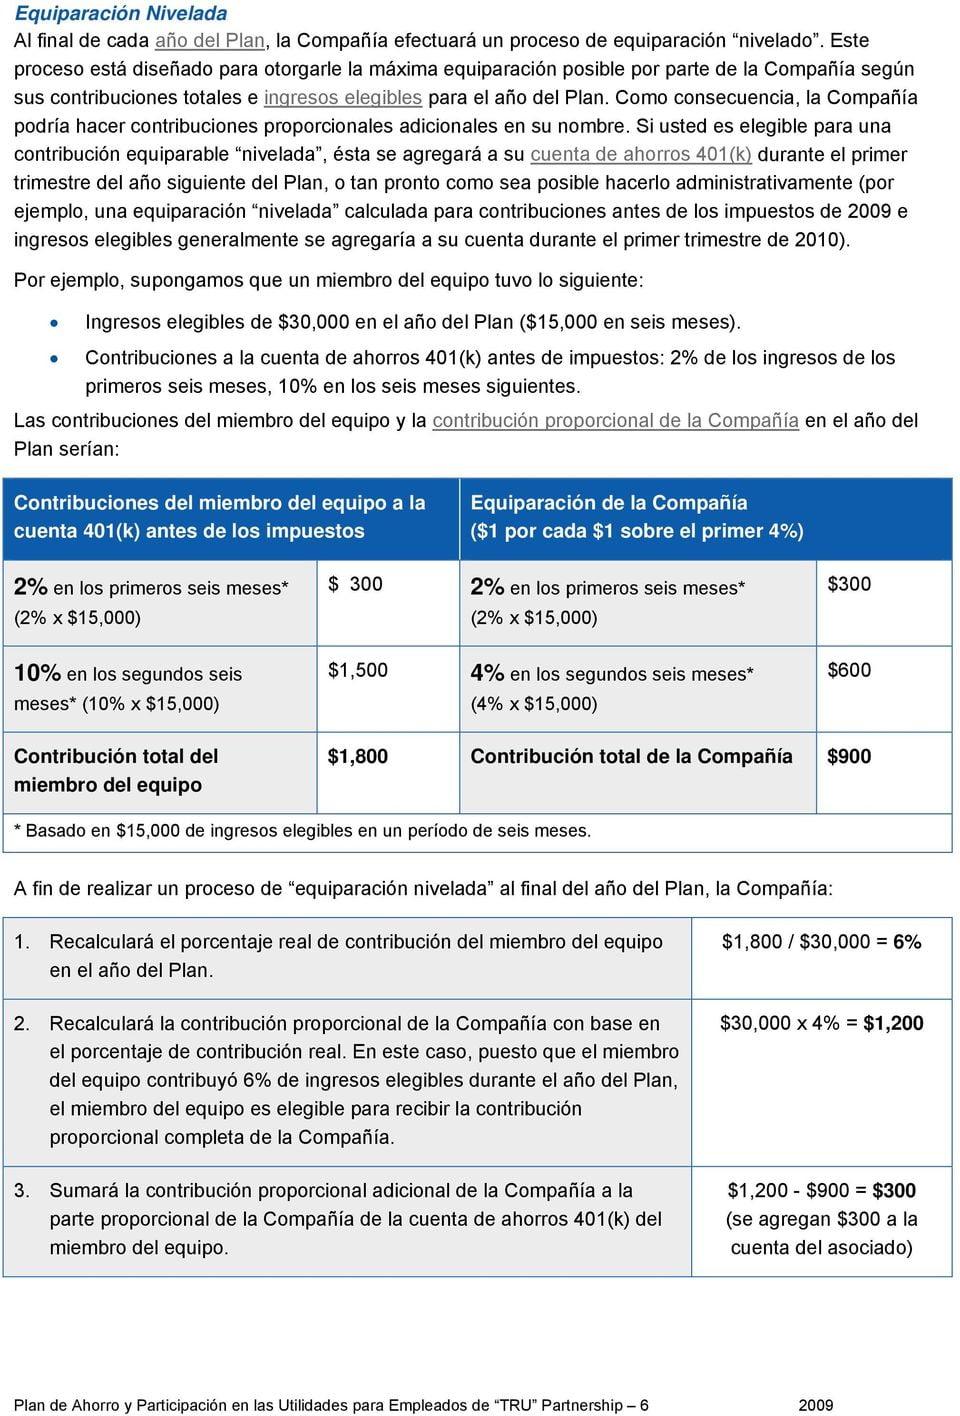 IRS: Límite de contribución de 401k para mantenerse igual en 2016